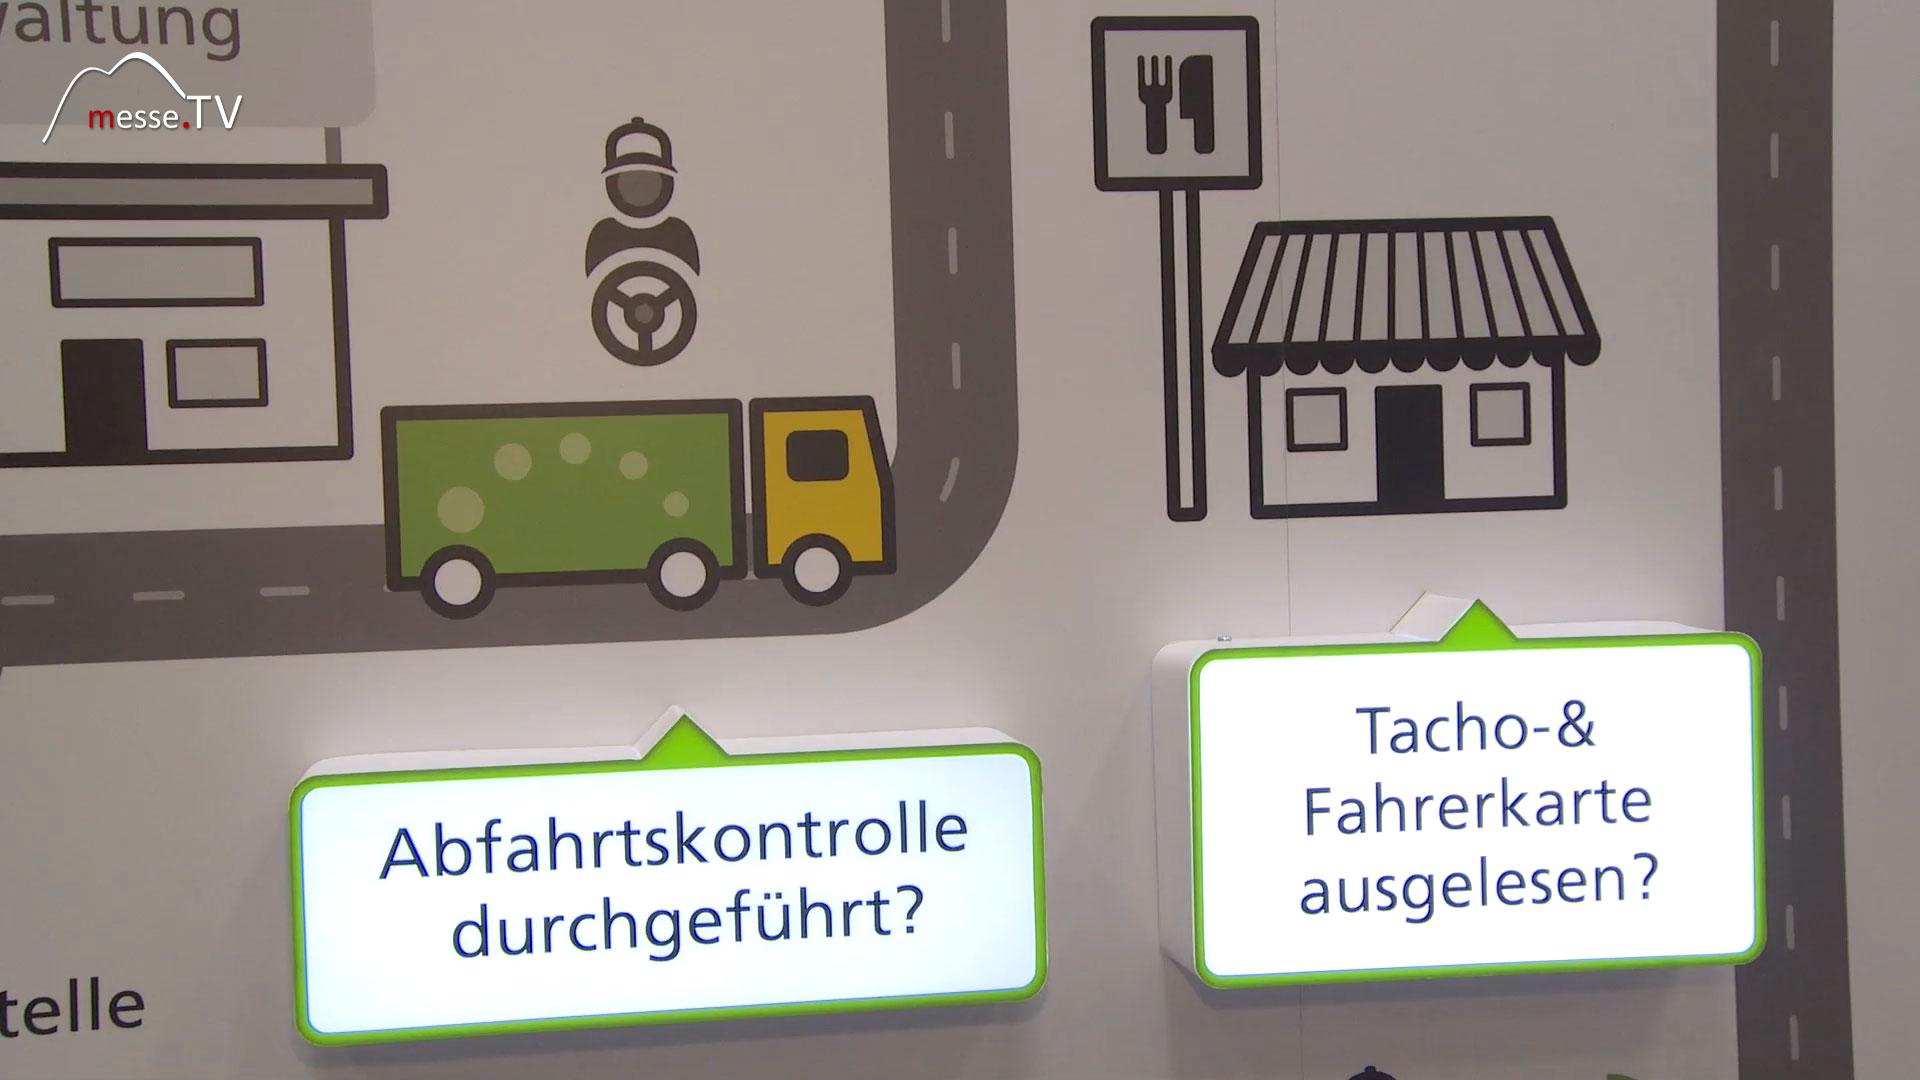 Astrata: Telematik, Tacho- und Fahrerkarte ausgelesen?